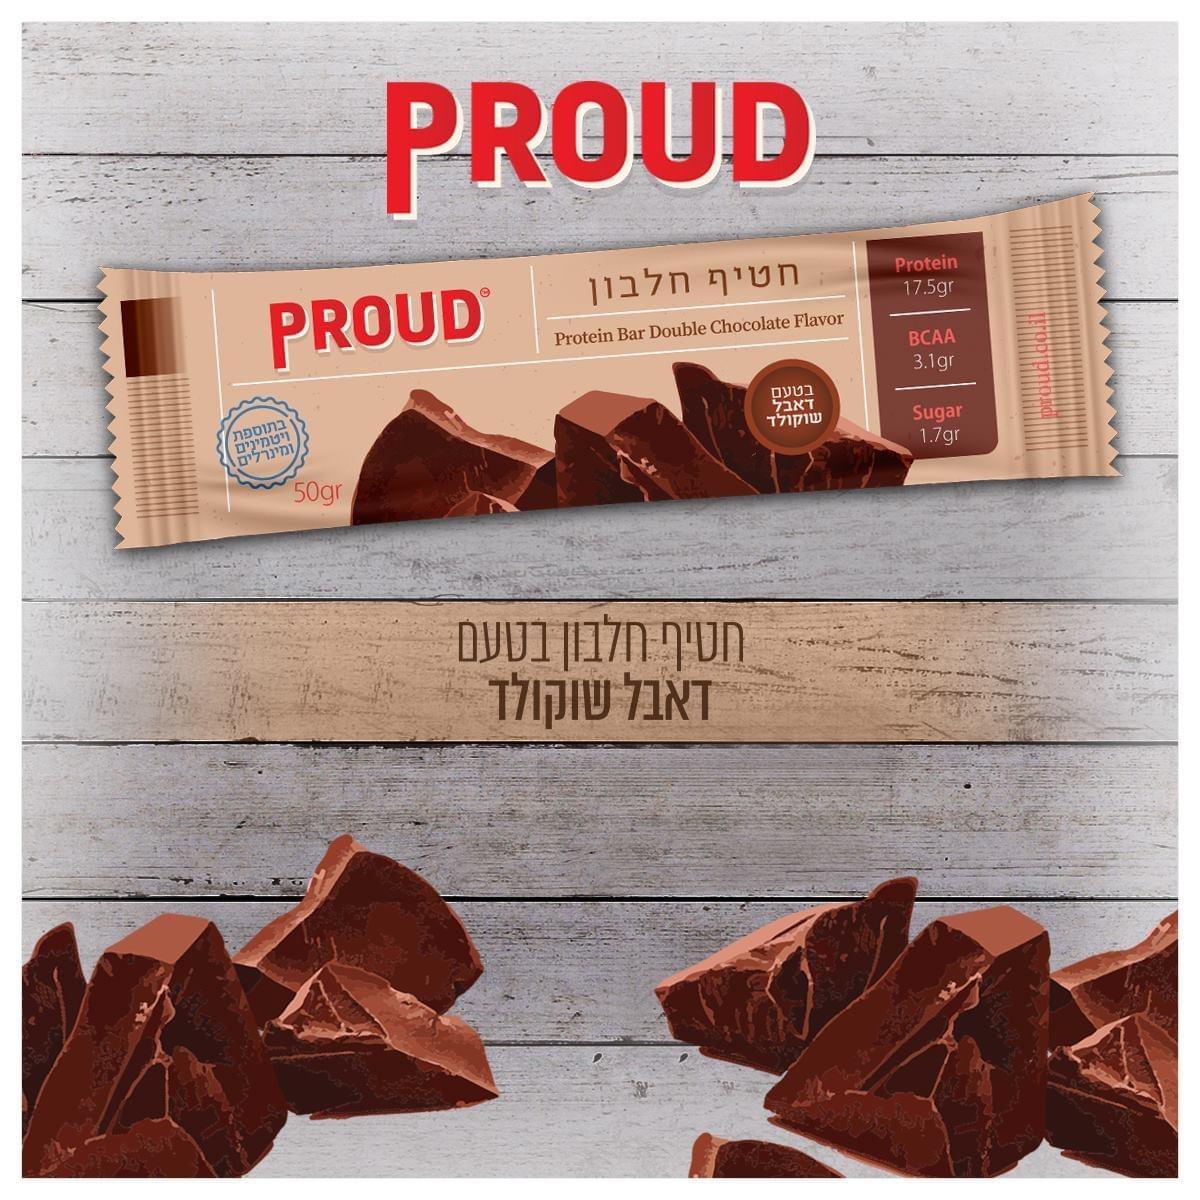 חטיף חלבון PROUD בטעם דאבל שוקולד